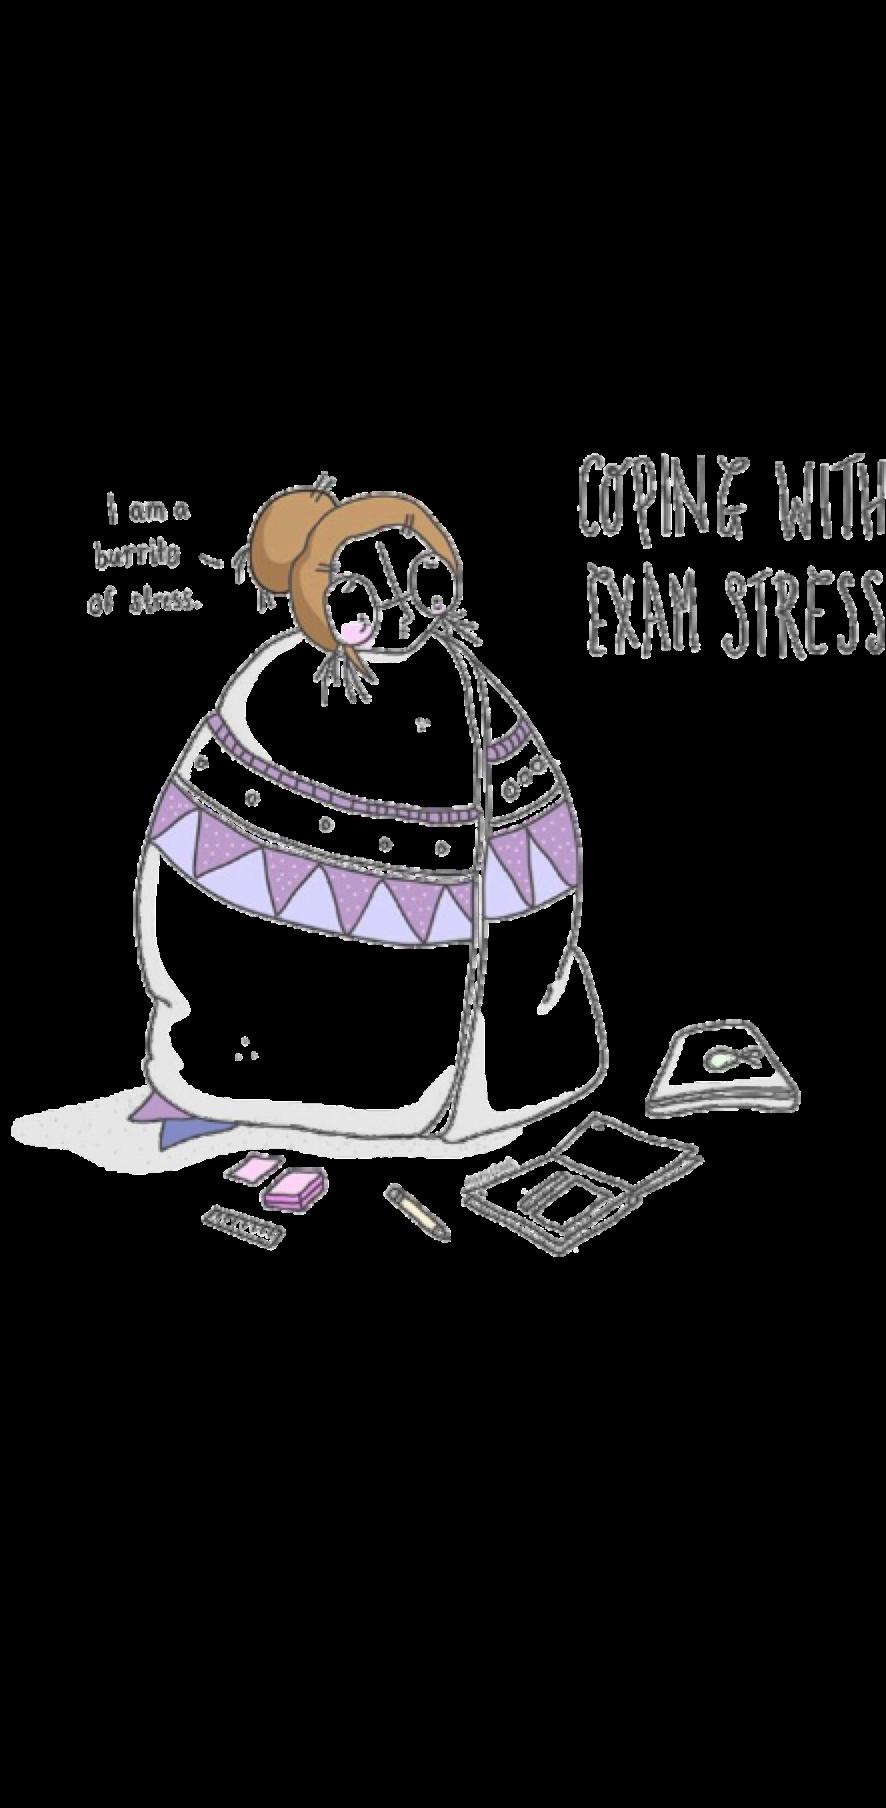 cover exam stress